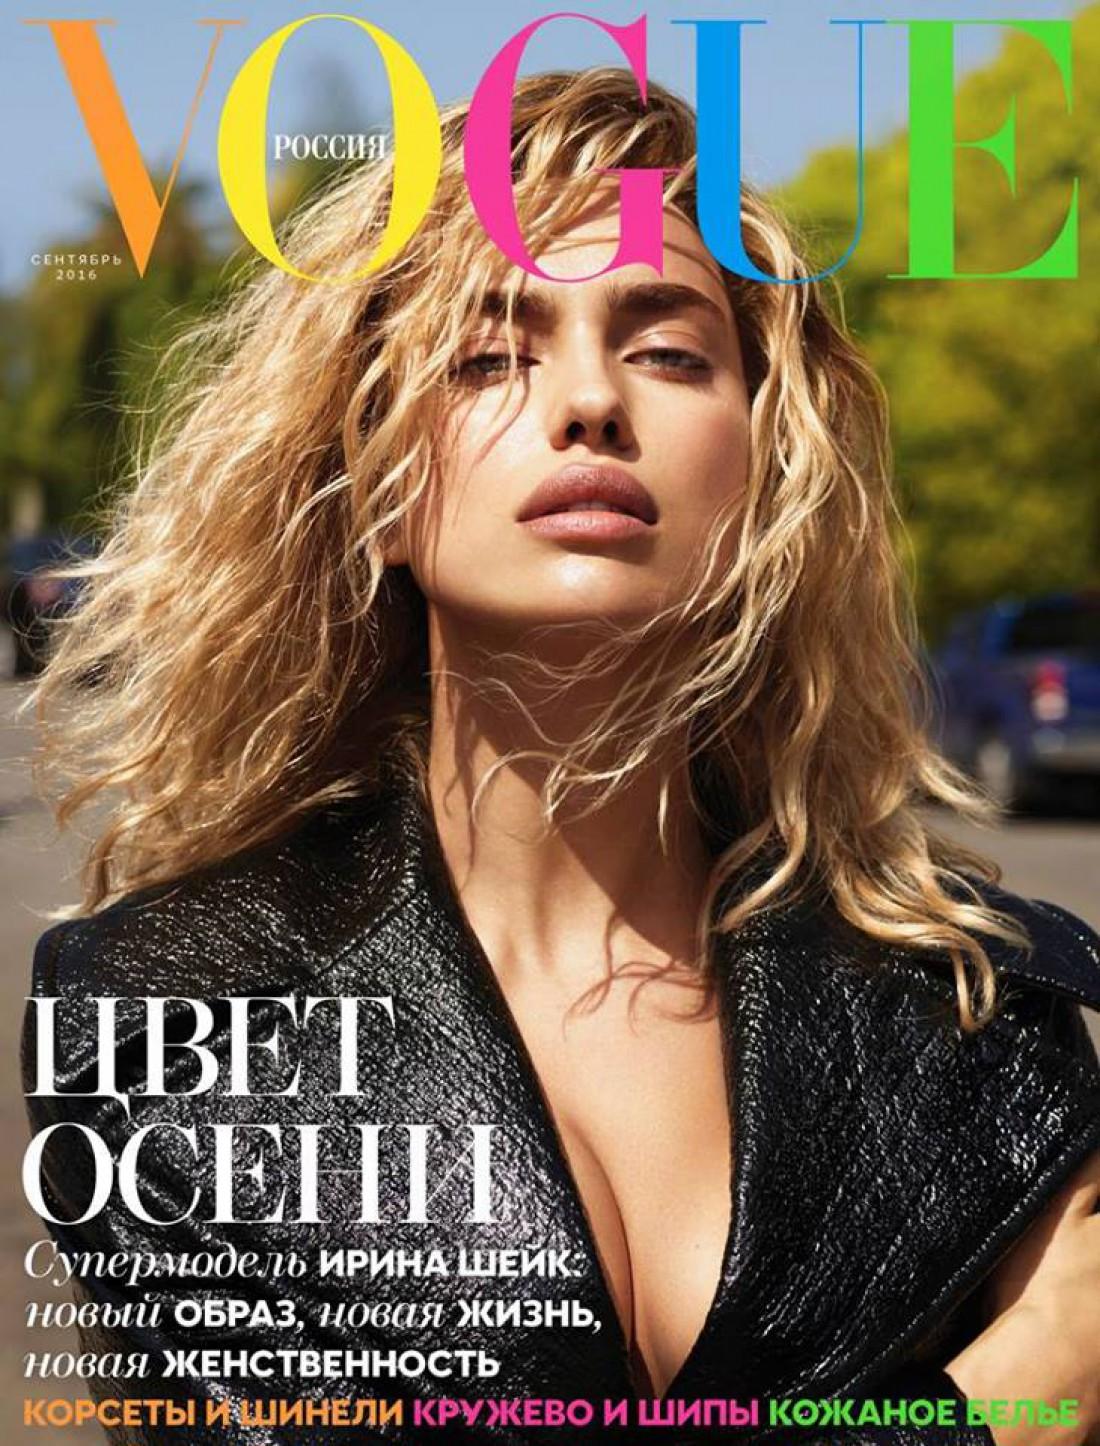 Модель Ирина Шейк на обложке российского журнала Vogue